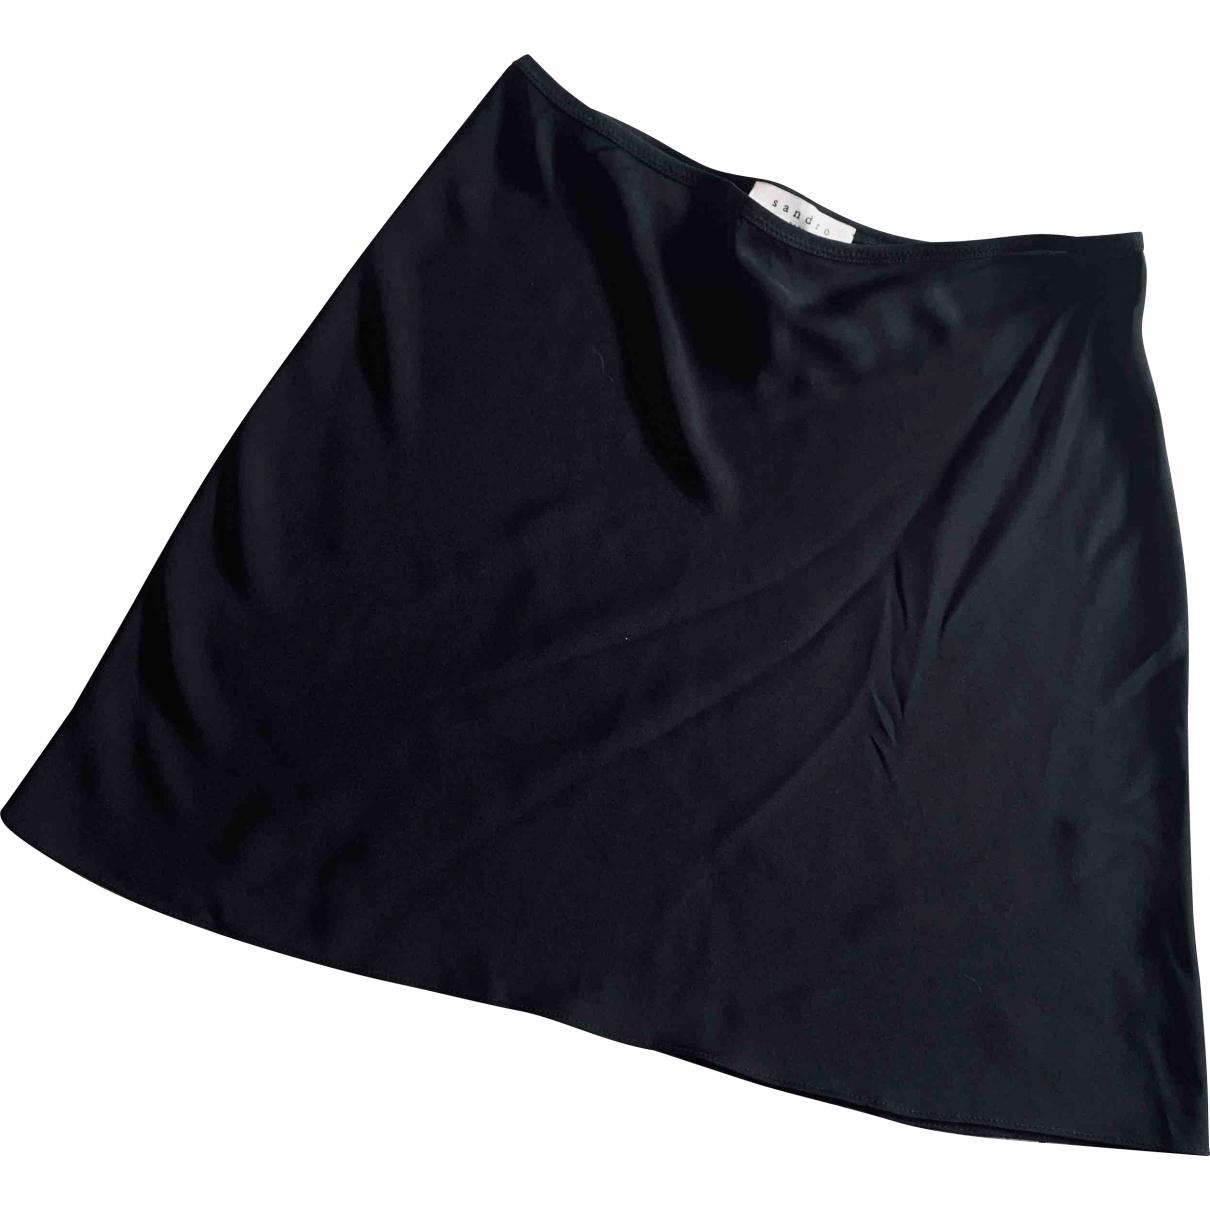 Sandro \N Black skirt for Women 3 0-5